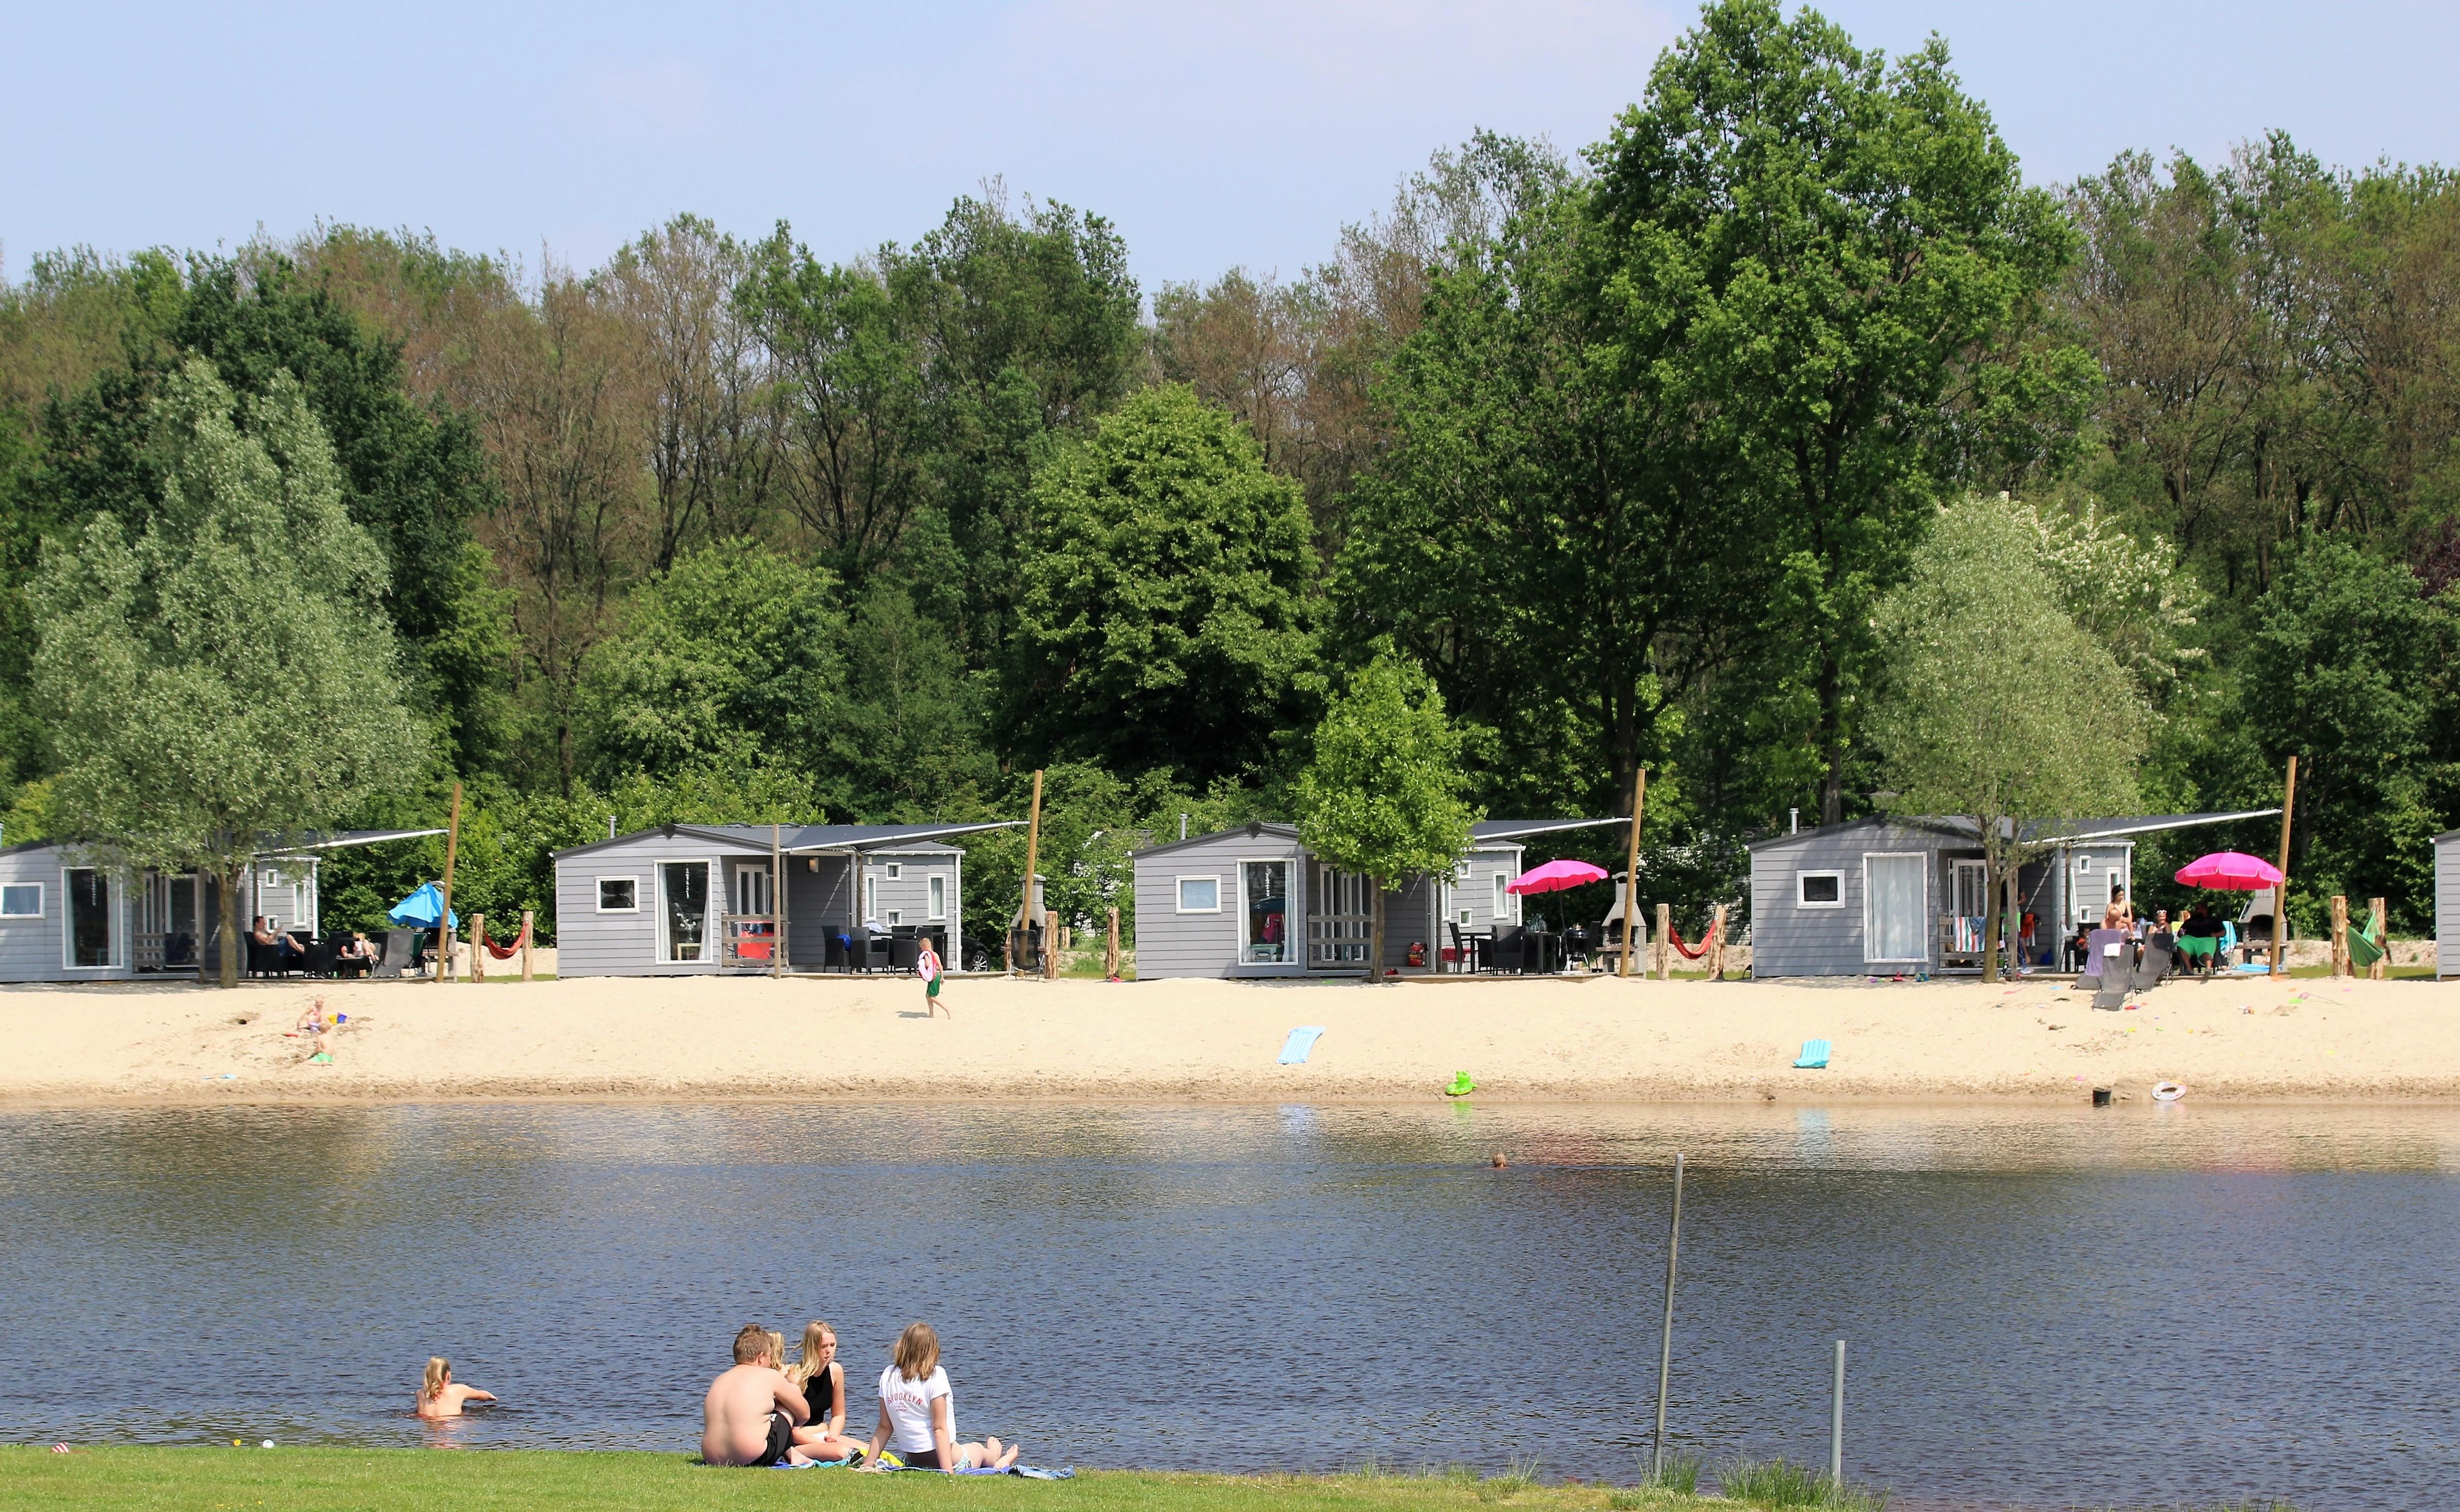 Vechtdal camping in Overijssel - Vechtdal camping Overijssel voor tieners